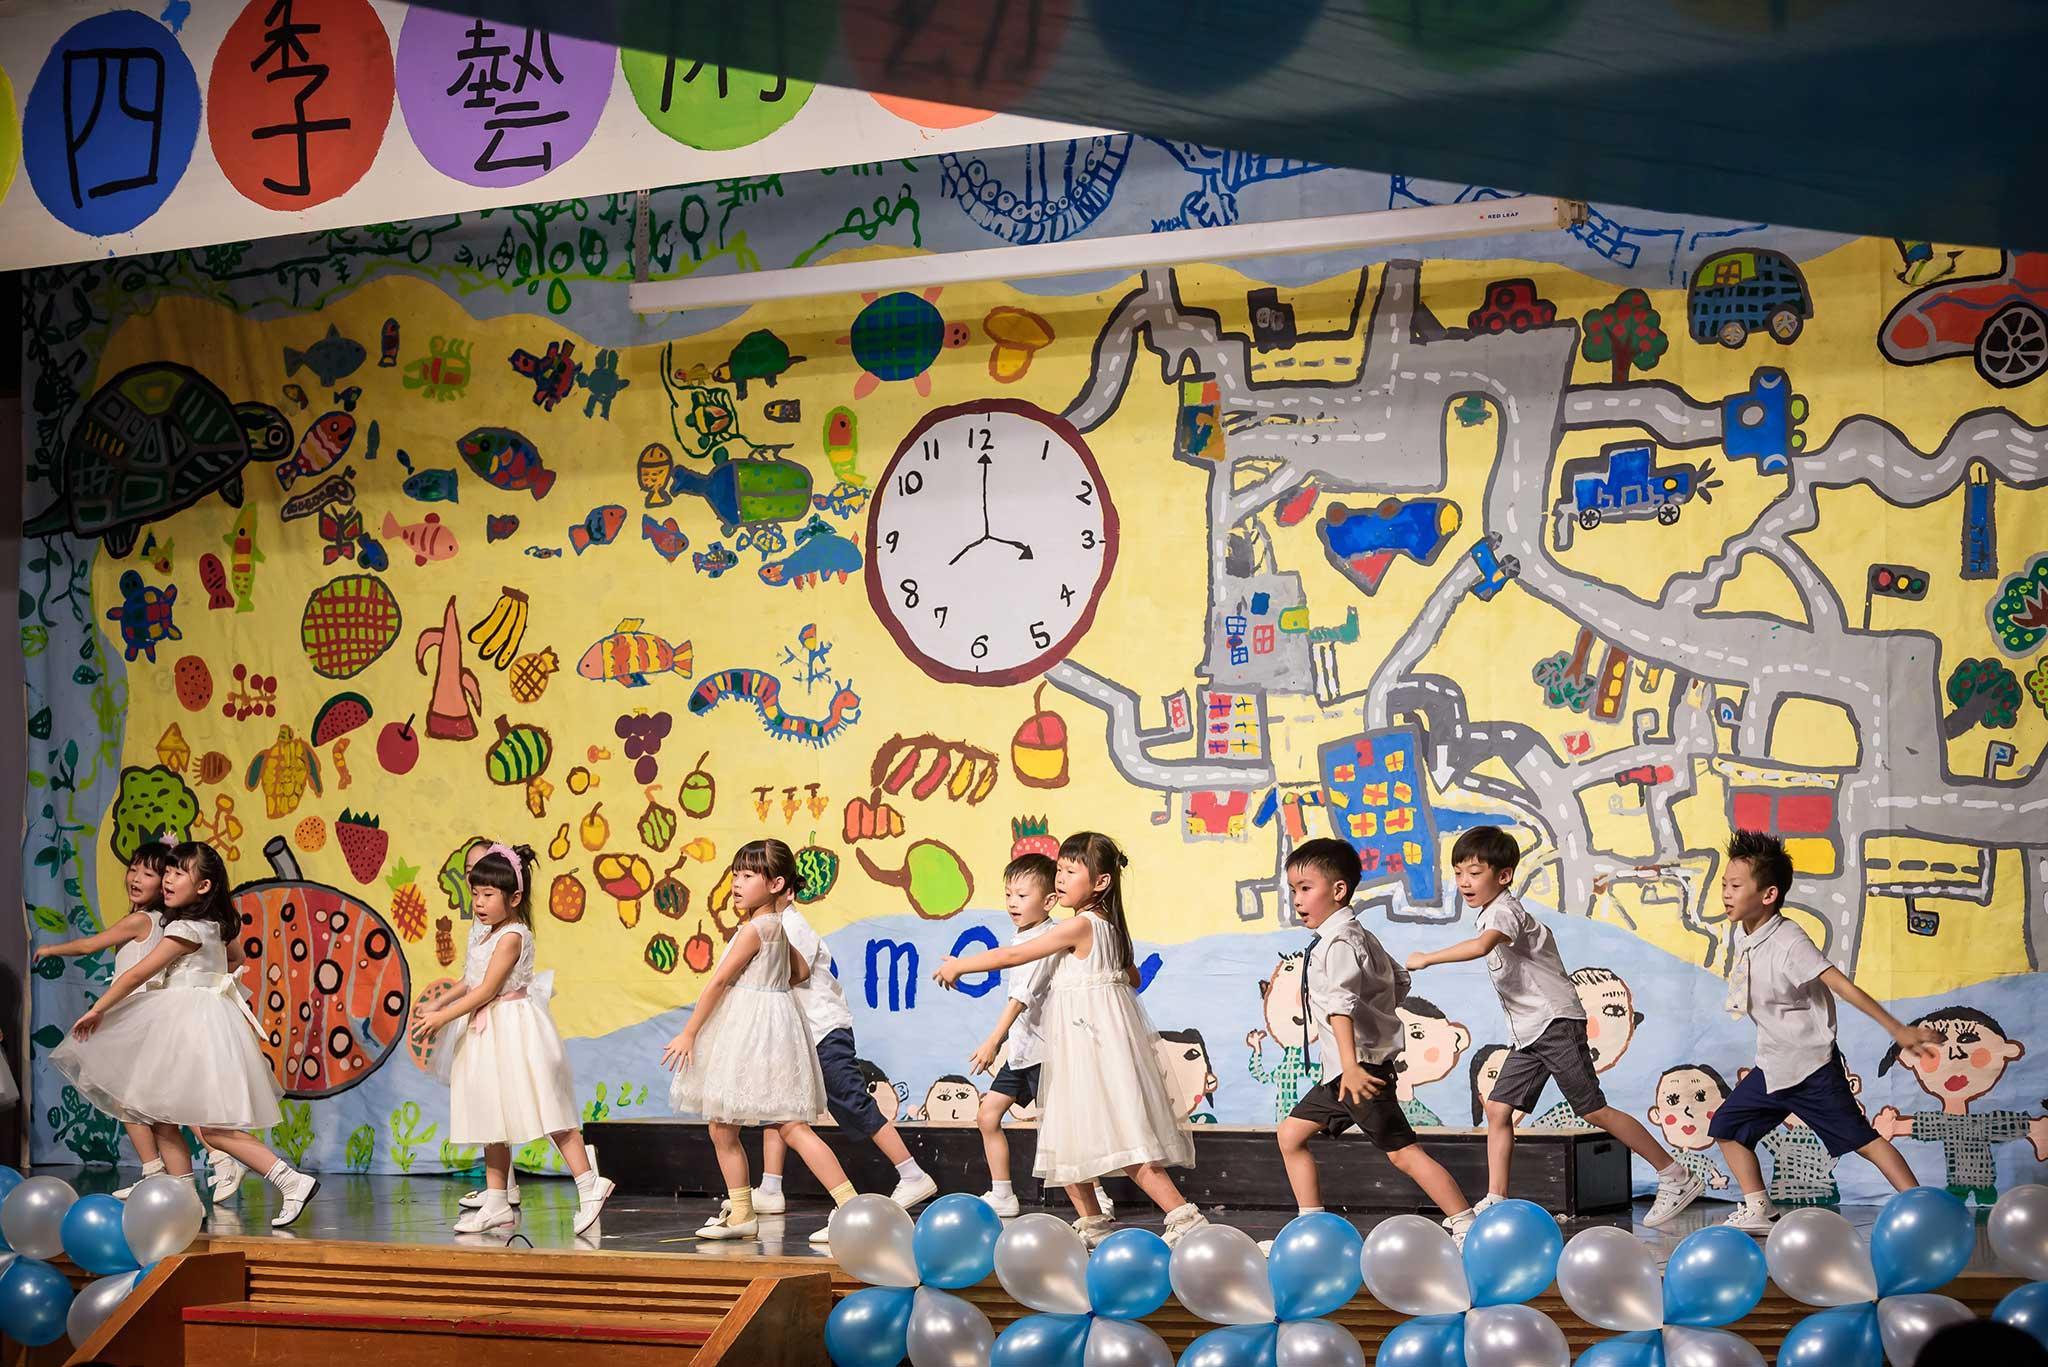 幼兒園畢業典禮 幼兒園畢業典禮攝影 幼兒園畢業典禮拍攝